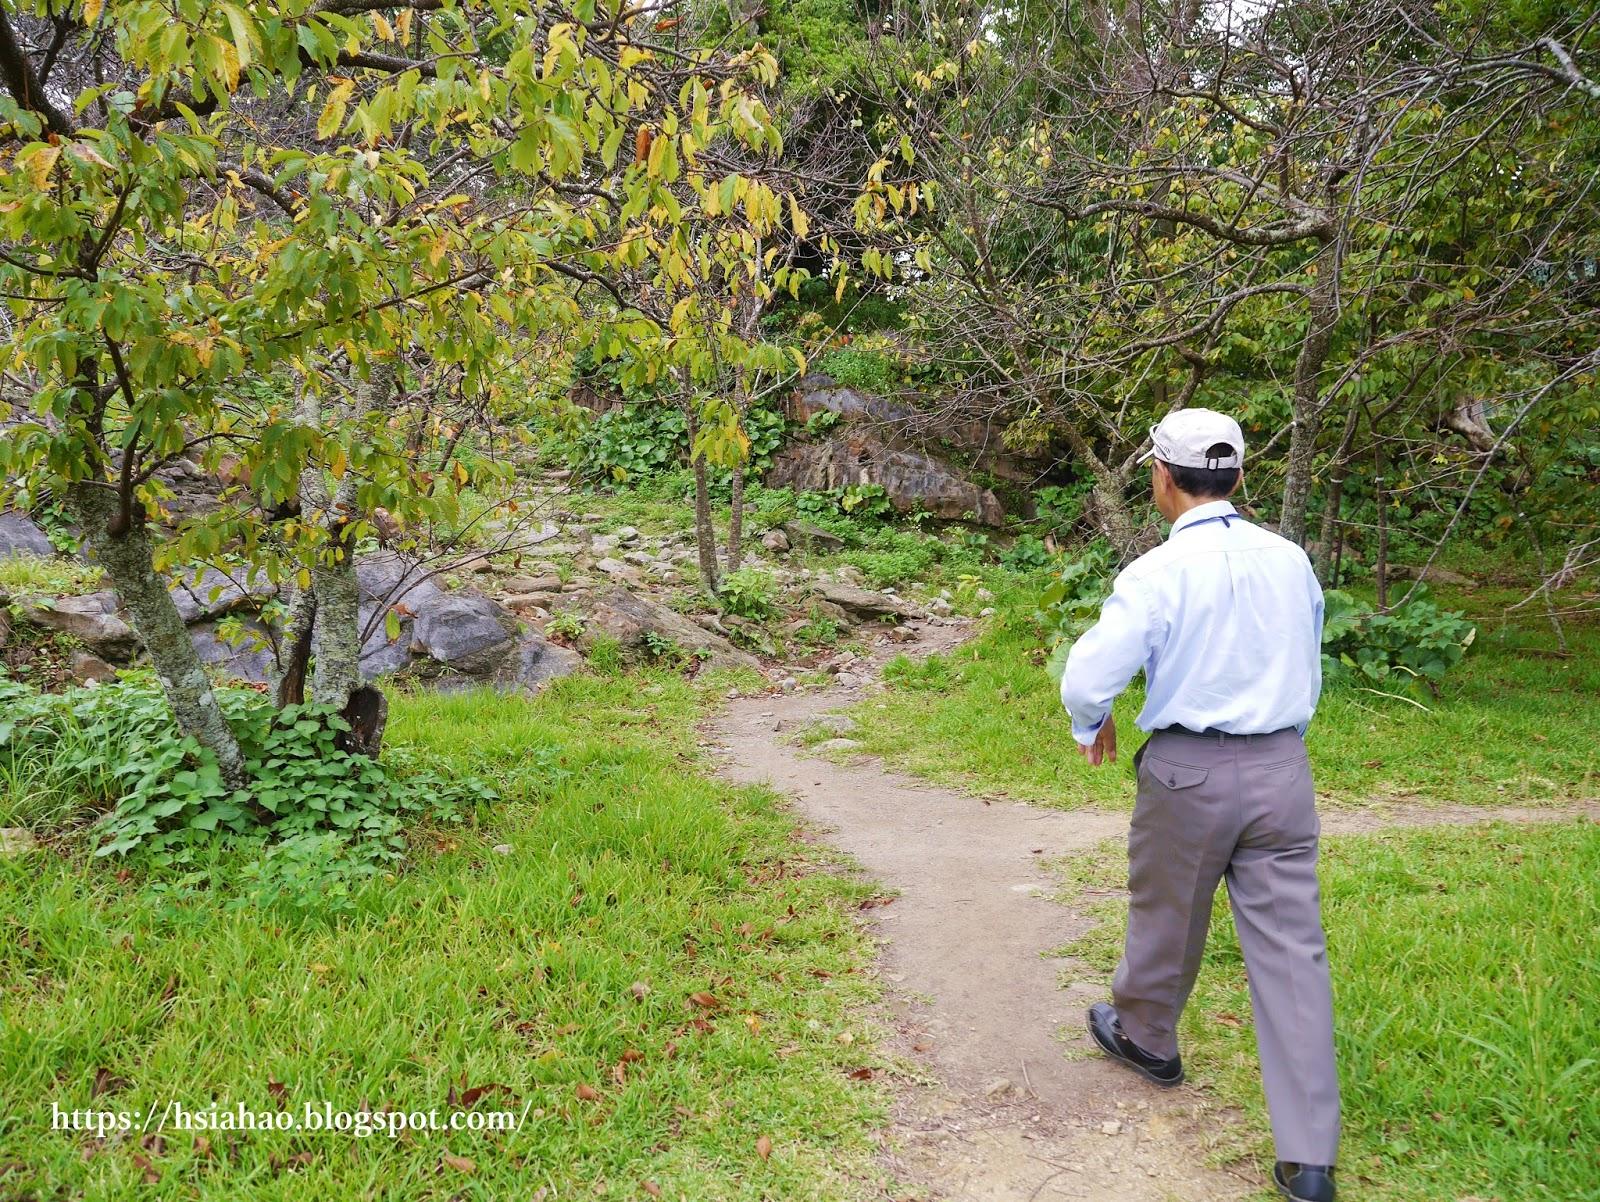 沖繩-景點-今歸仁城跡-今帰仁城跡-Nakijin-Castle-推薦-自由行-旅遊-Okinawa